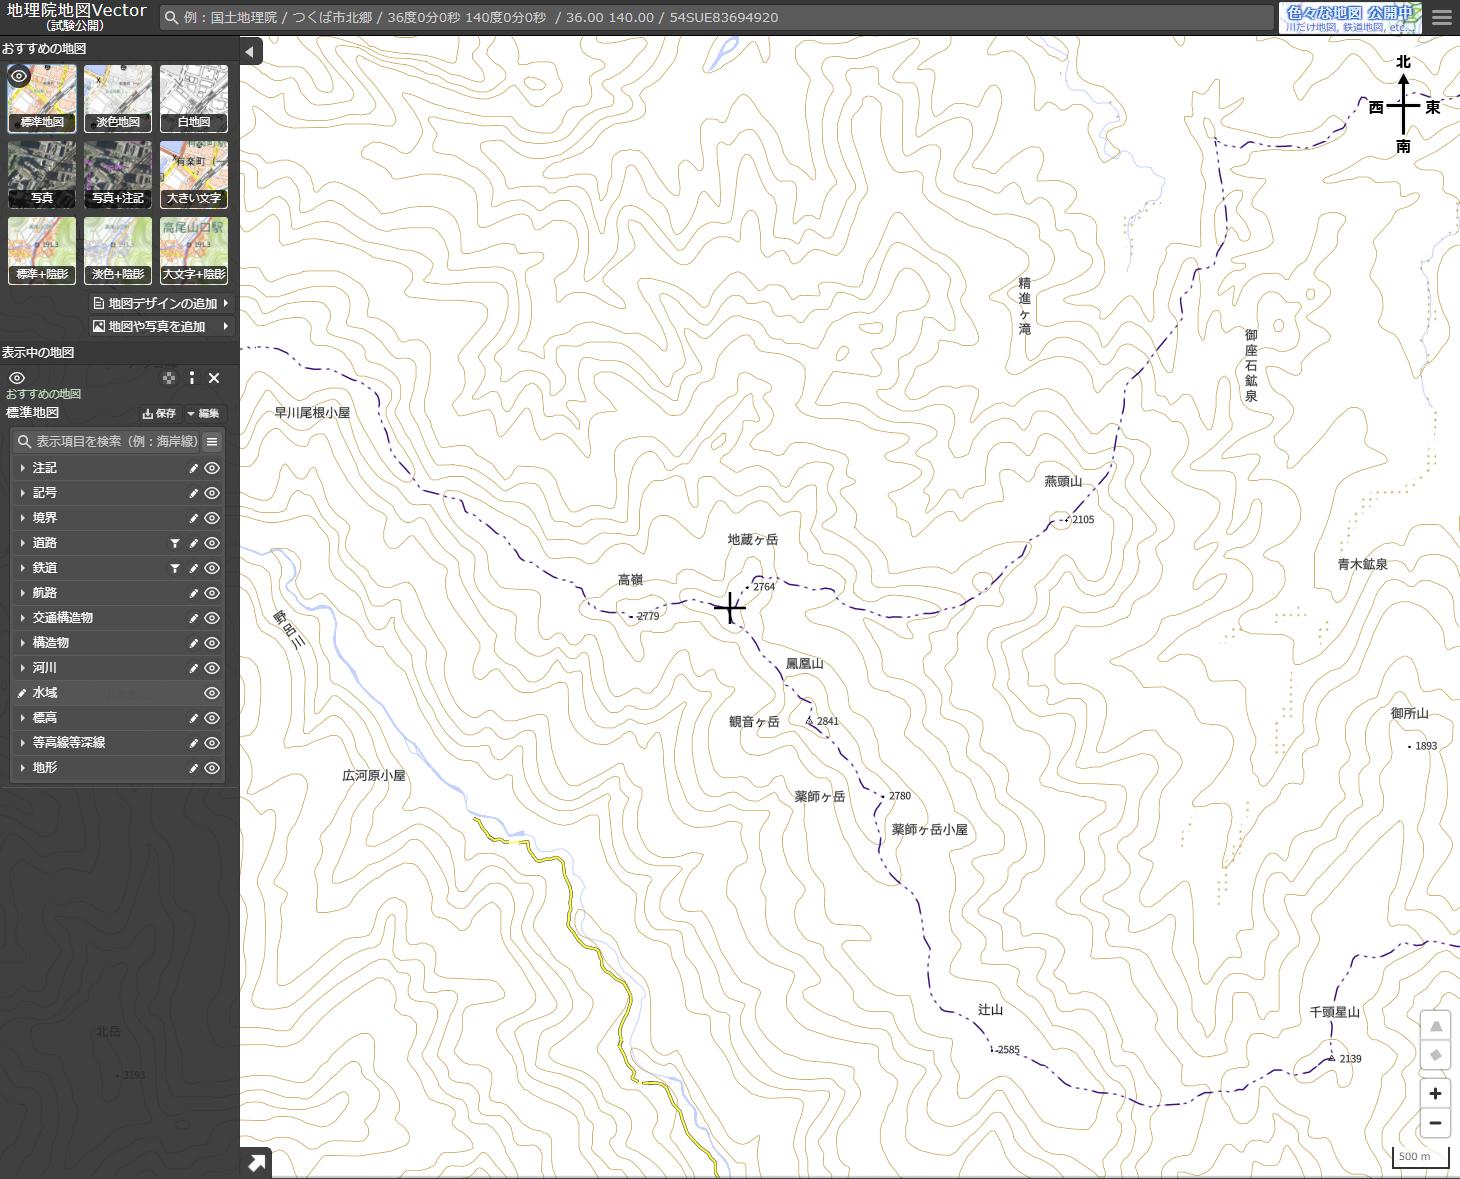 標準地図(山岳エリア)夏休みの自由研究におすすめな国土地理院「地理院地図Vector」の標準地図(山岳エリア)画面